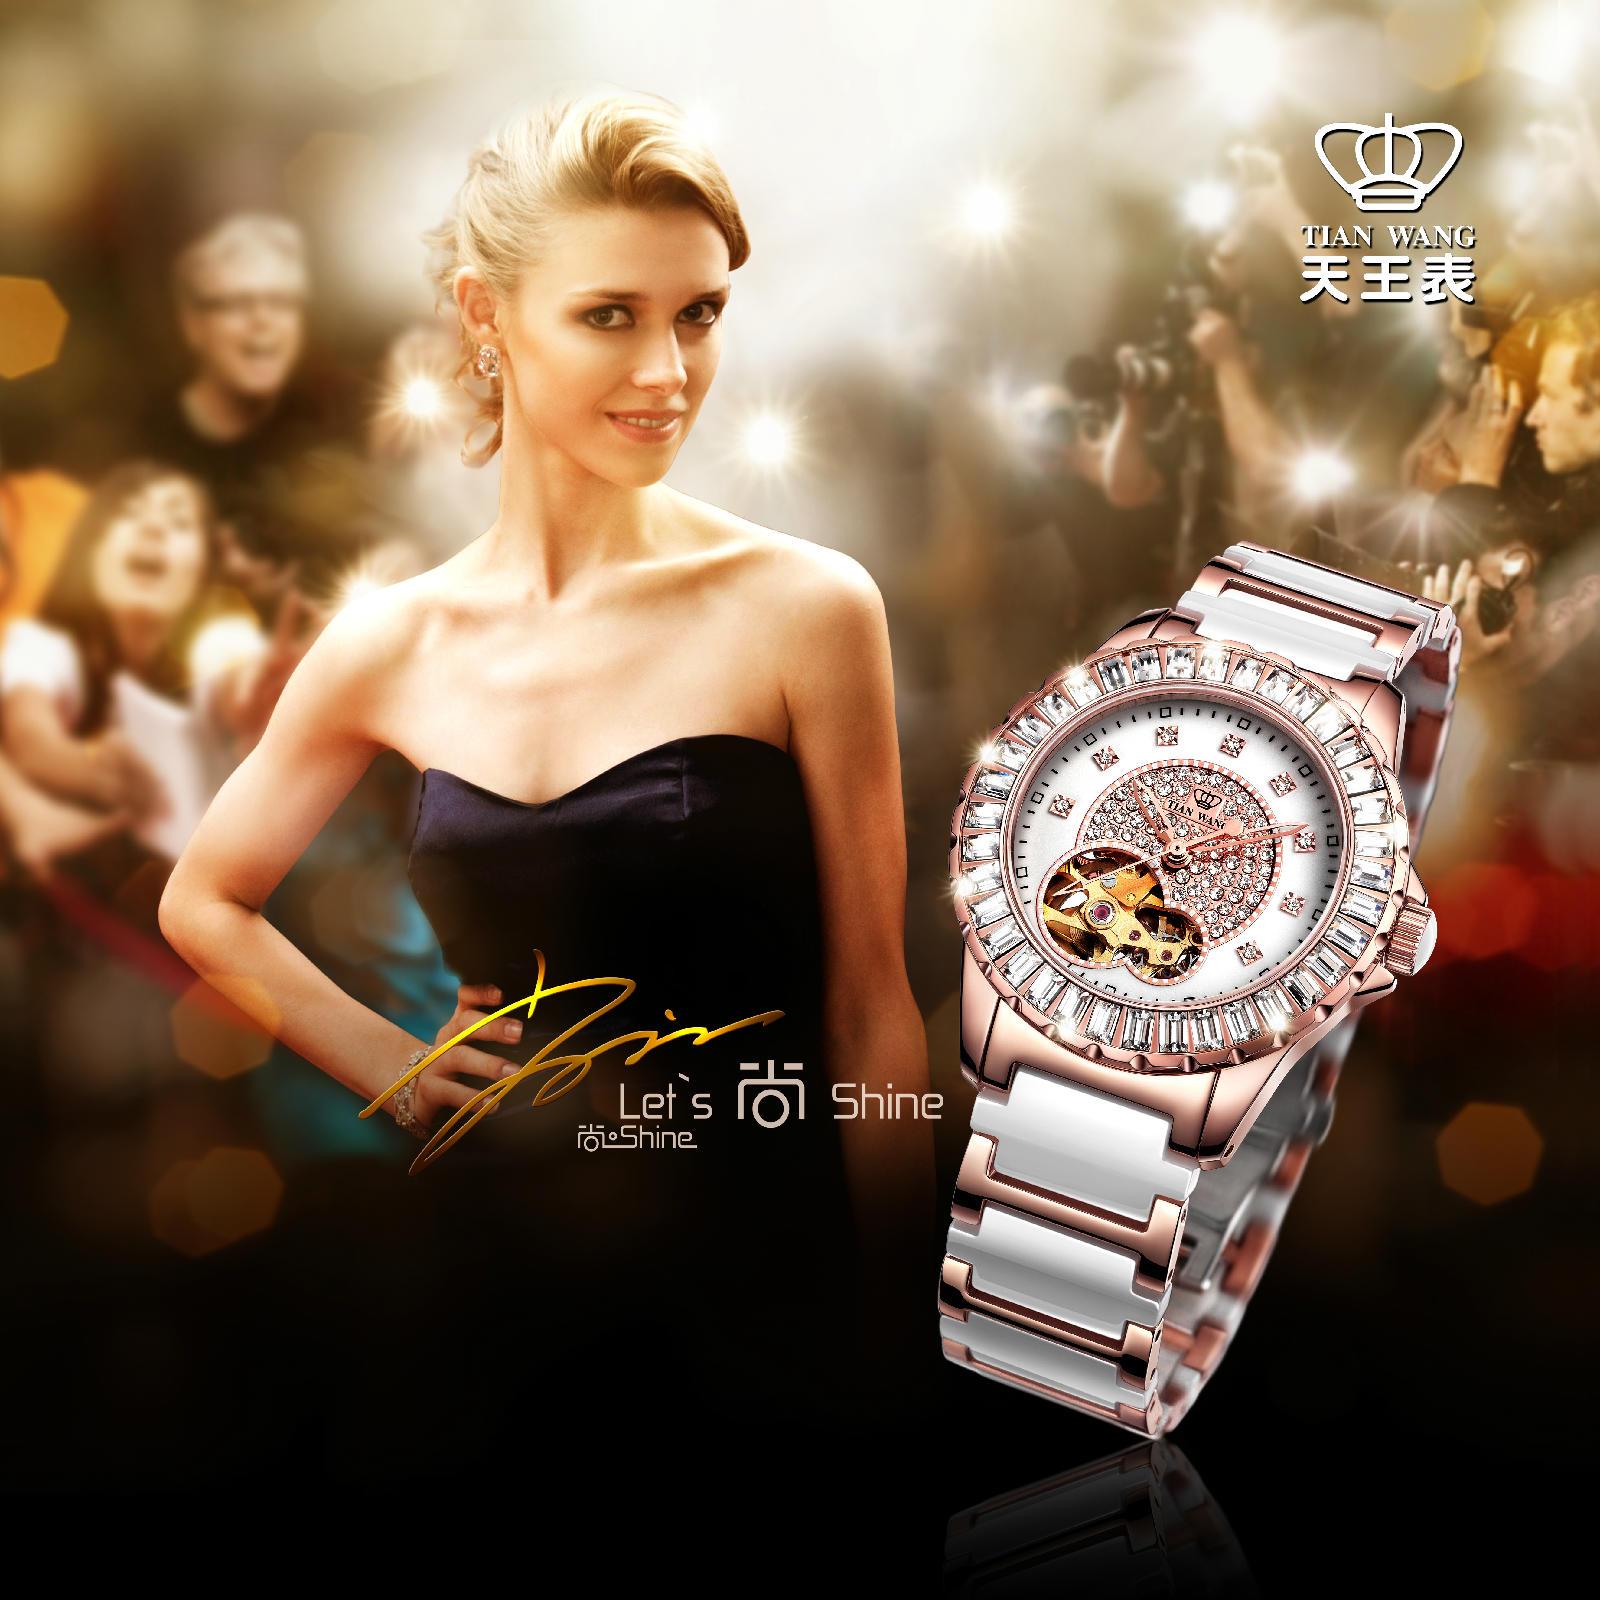 天王手表贵么?详细解析天王手表在国产手表中的地位